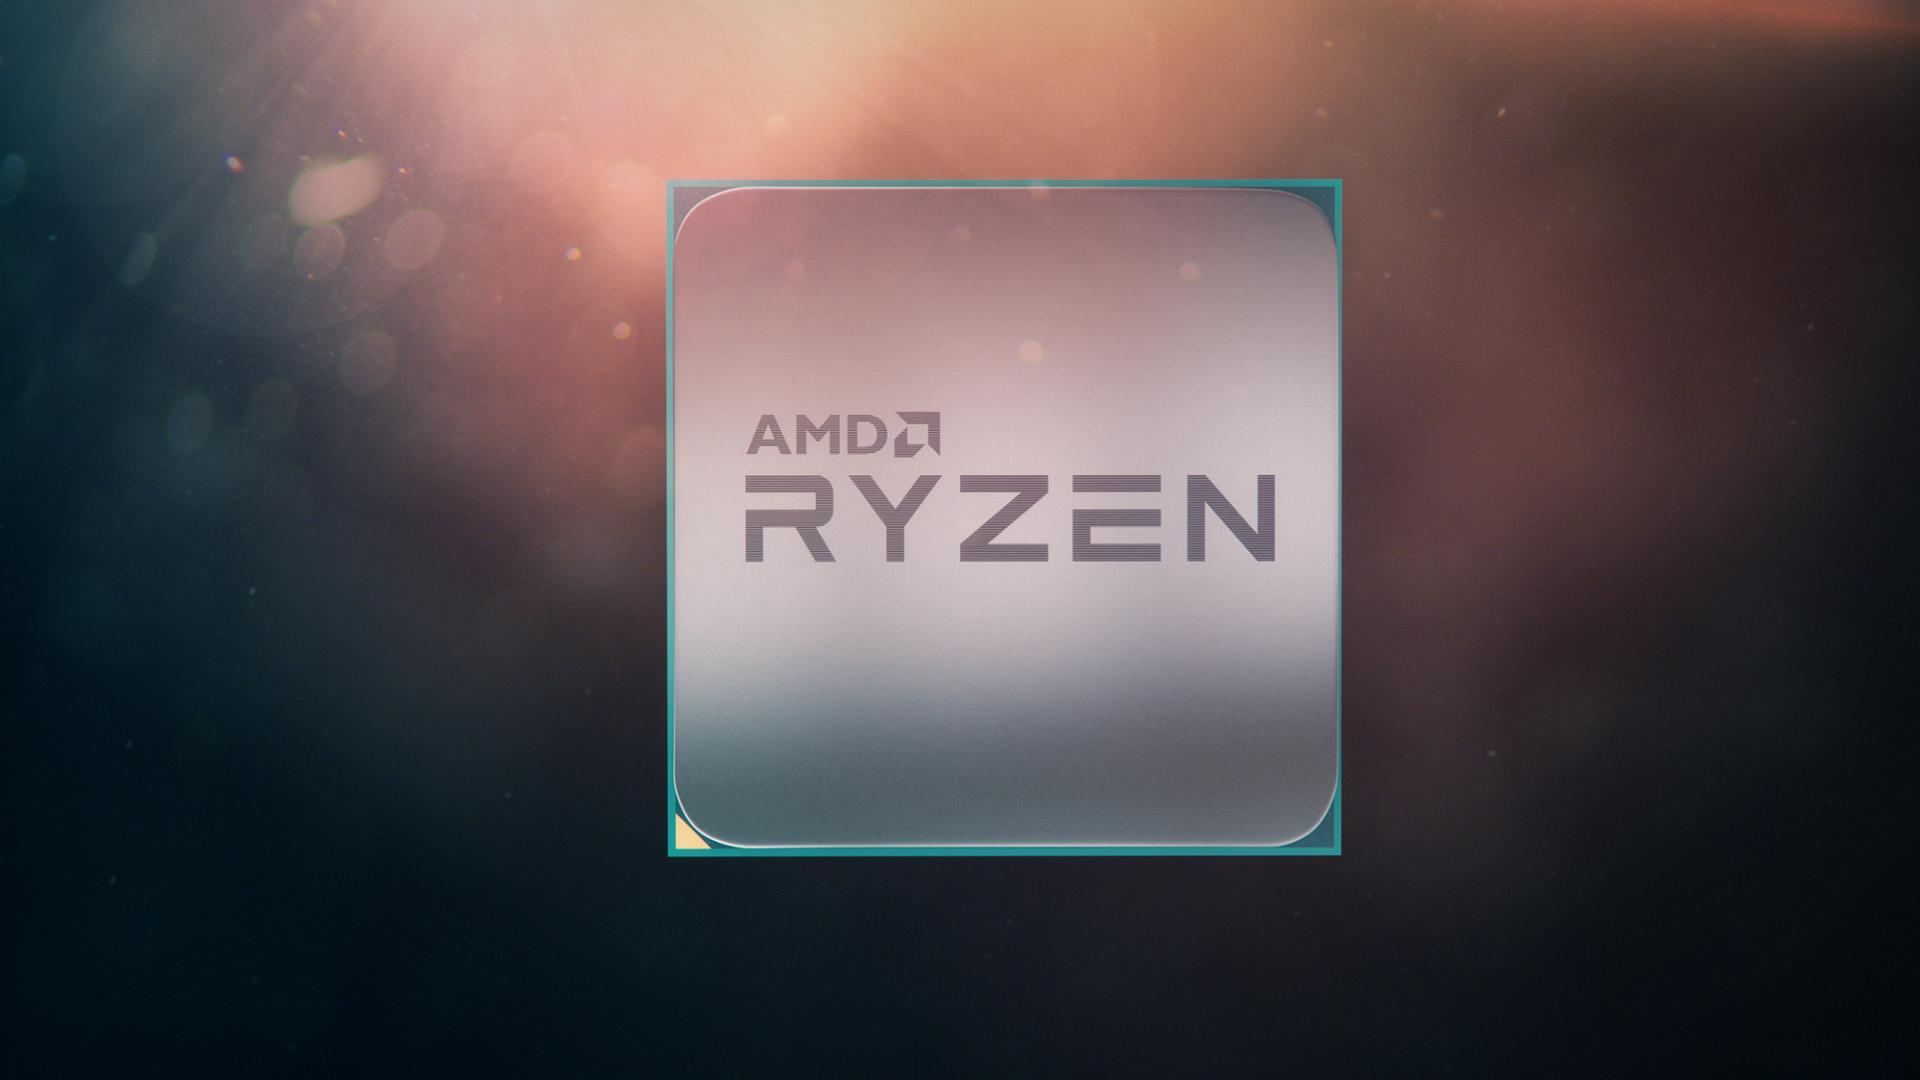 Zen 4 Ryzen 5000 Ryzen 7 5800X Ryzen 5000 Ryzen 9 4950X Ryzen 7 4700G Ryzen 3 4300U Ryzen 7 3800XT B440 X470 Zen 3 AMD